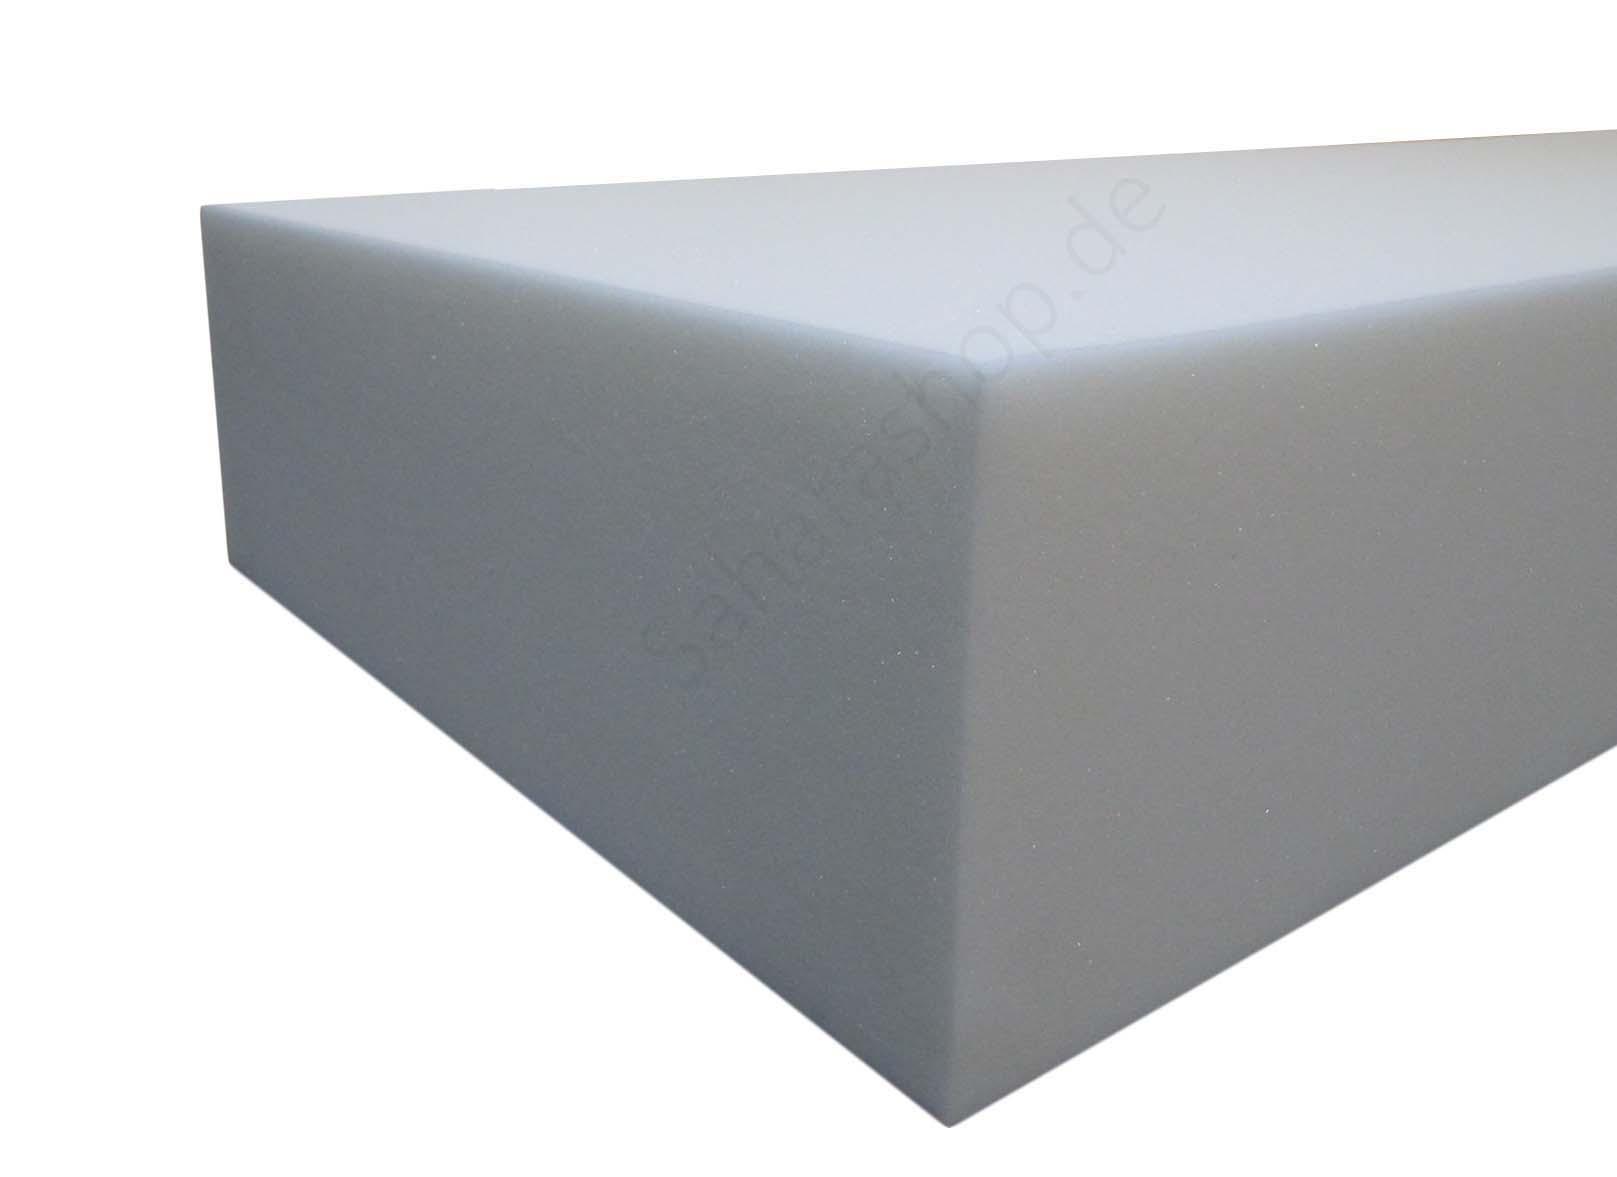 Full Size of Sofa Matratzen Ikea Matratzenauflage Jako O Aus Matratze Diy Bauen Selber Kinder Lattenrost Mit Schaumstoffmatratze Fr Marokkanische Sofas Eckig Saharashop Sofa Sofa Aus Matratzen